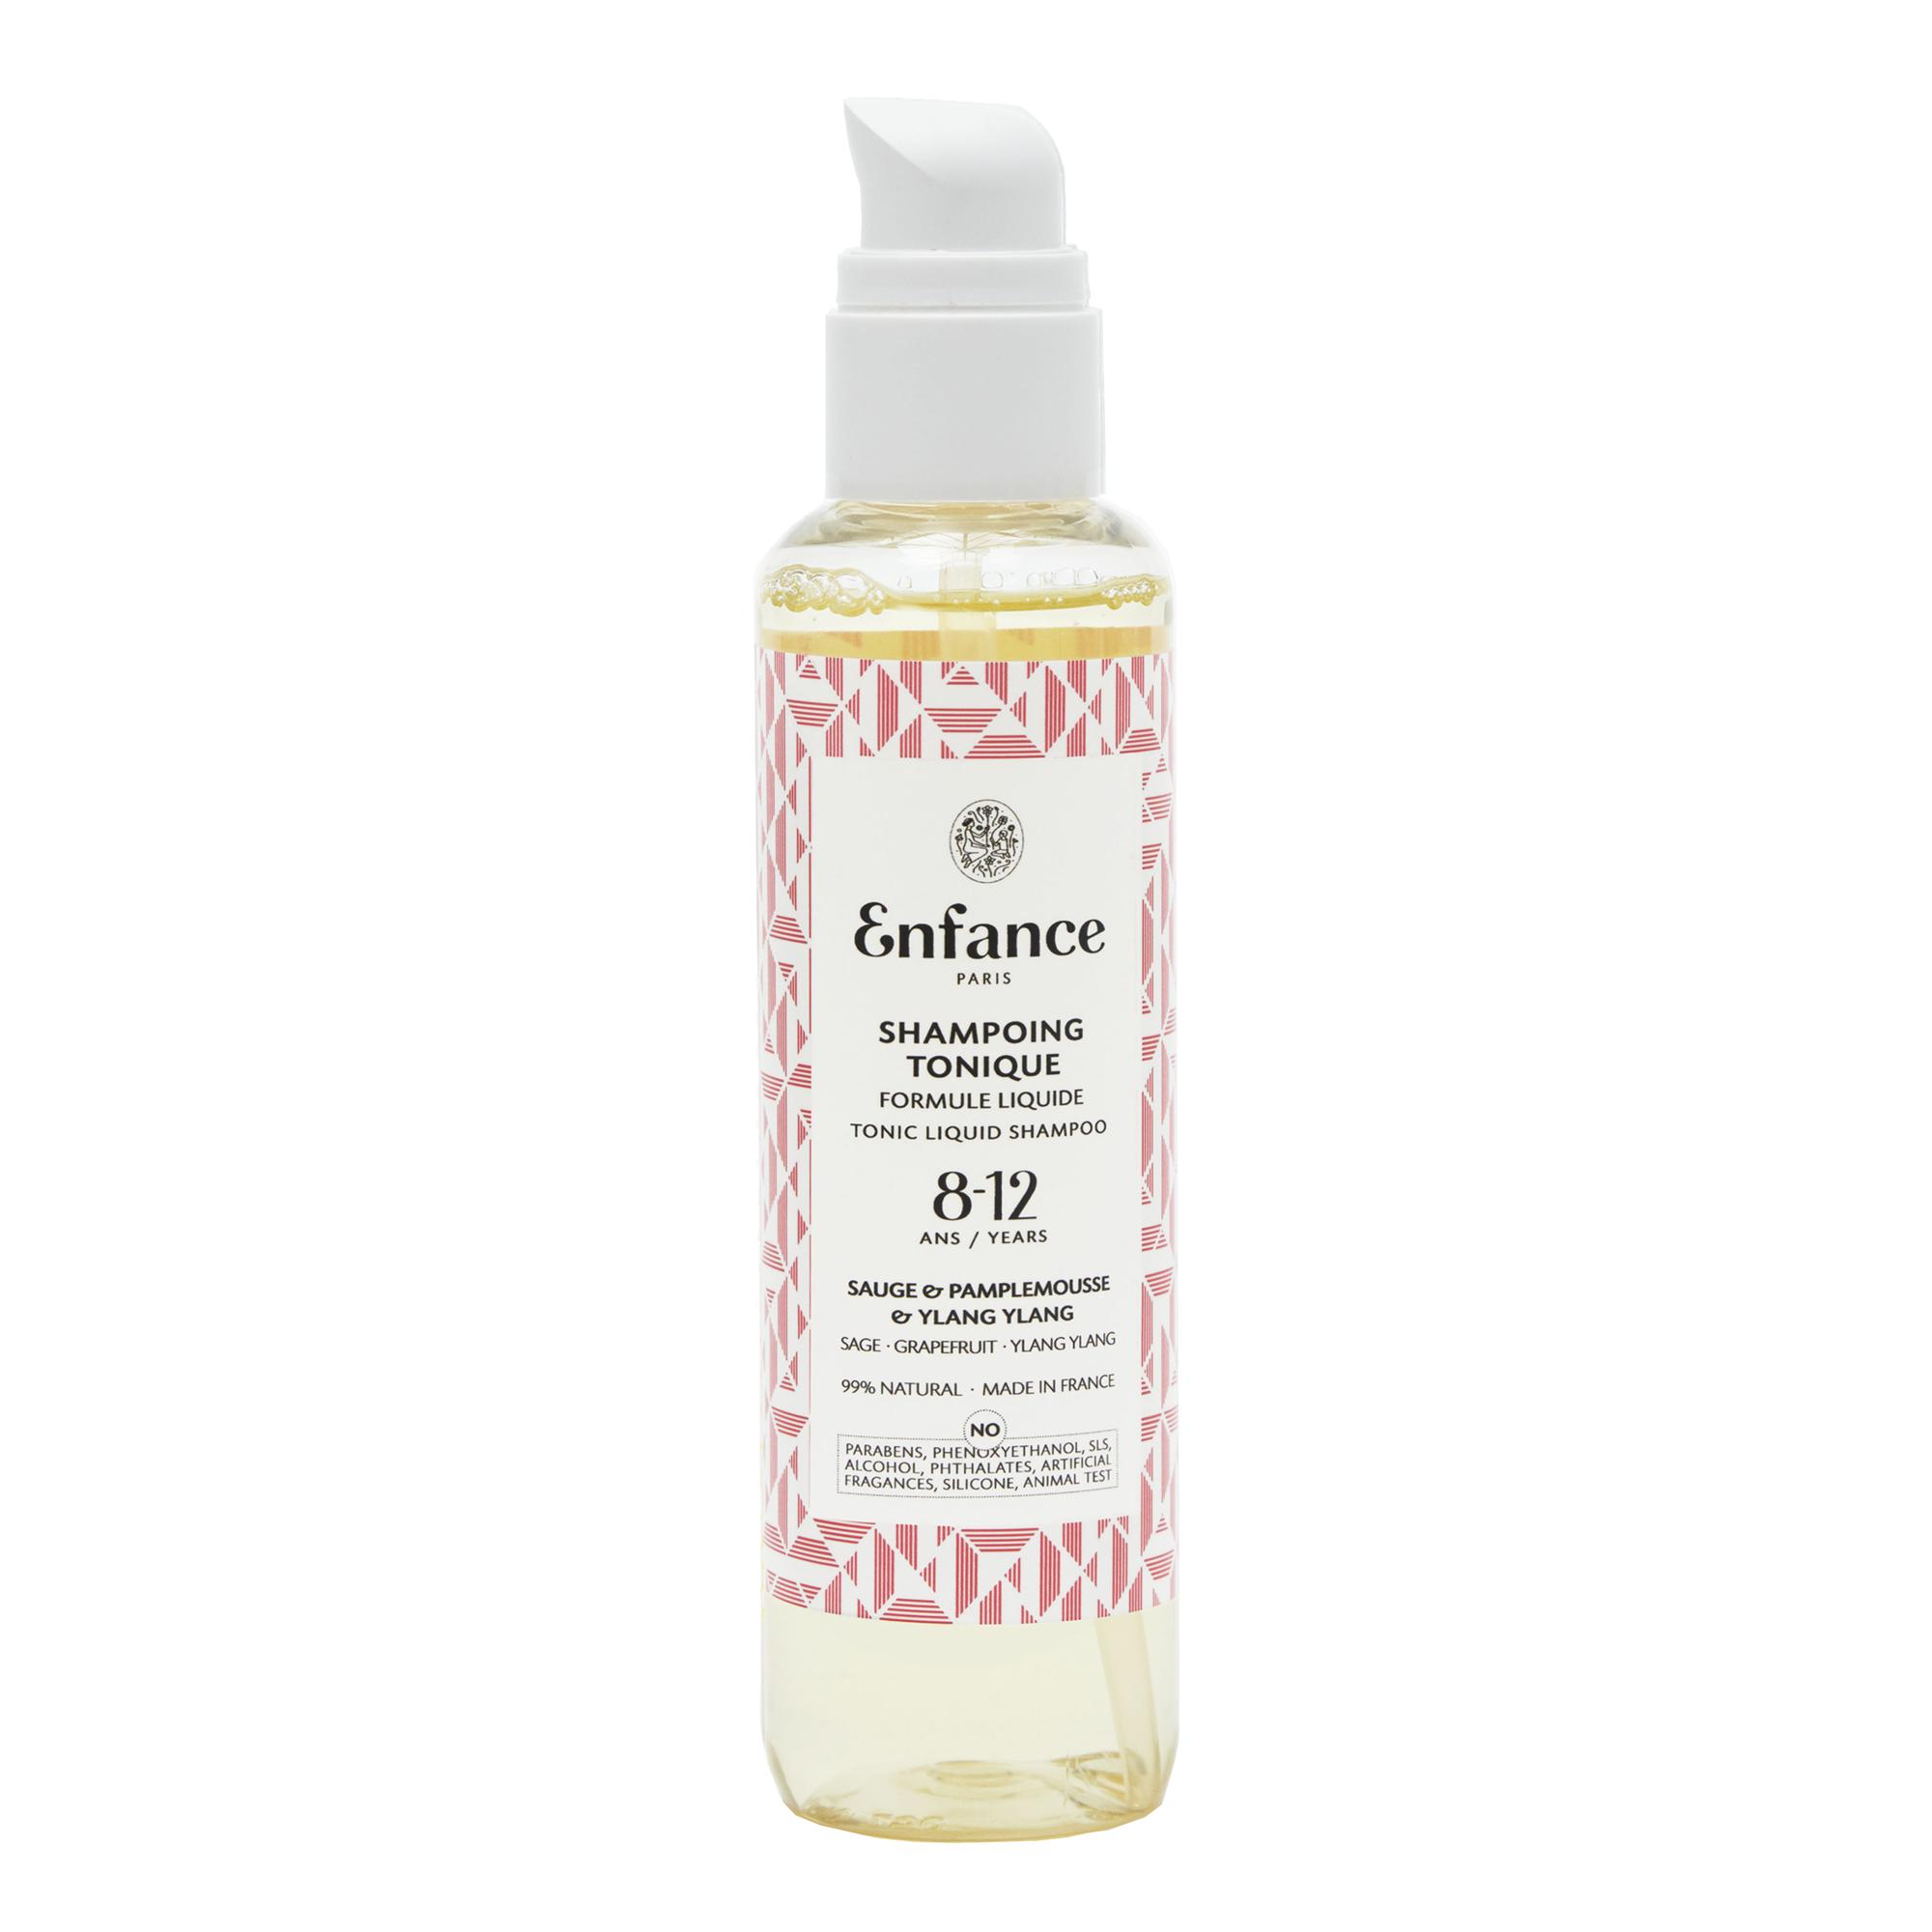 Enfance Paris - shampoing tonique - Enfant et ado 8-12 ans